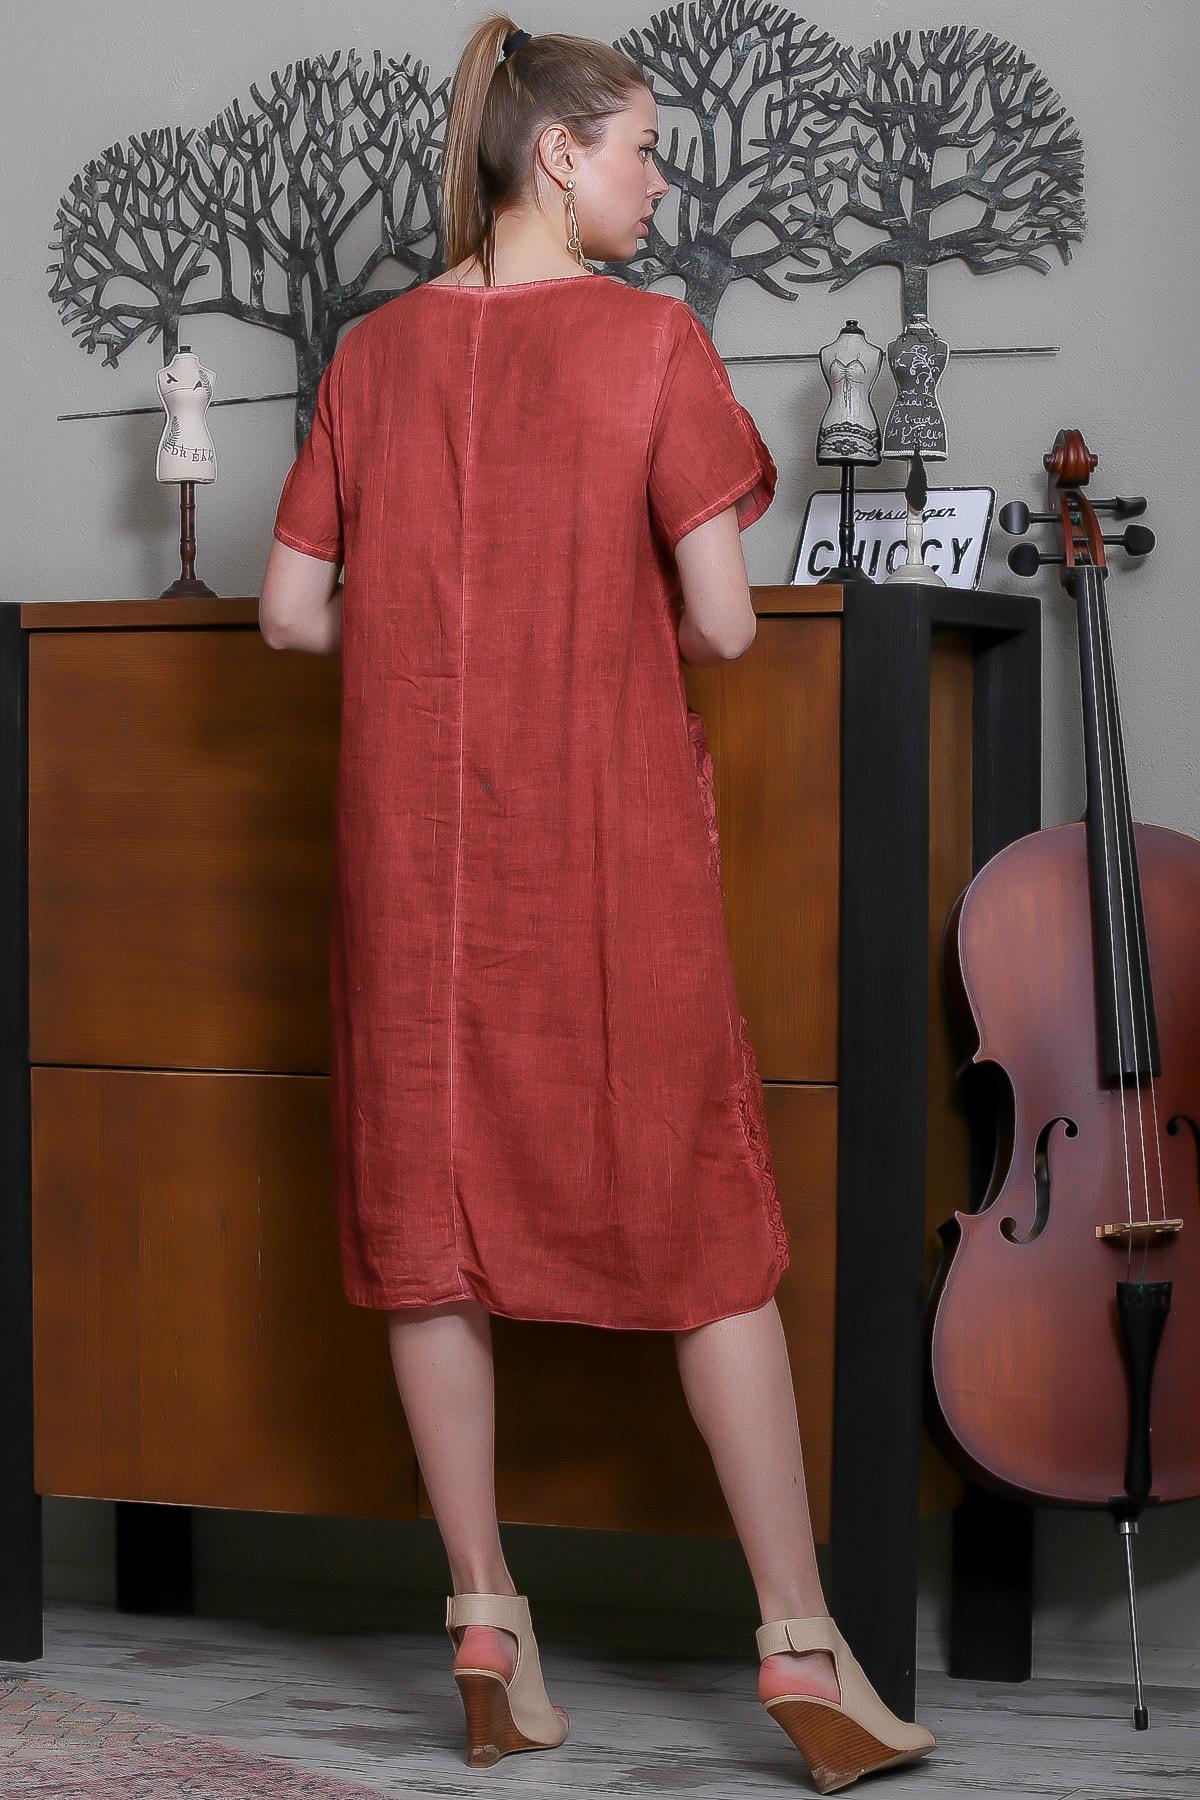 Chiccy Kadın Kiremit Sıfır Yaka Dantel Bloklu Cepli Astarlı Yıkamalı Elbise M10160000EL95294 4